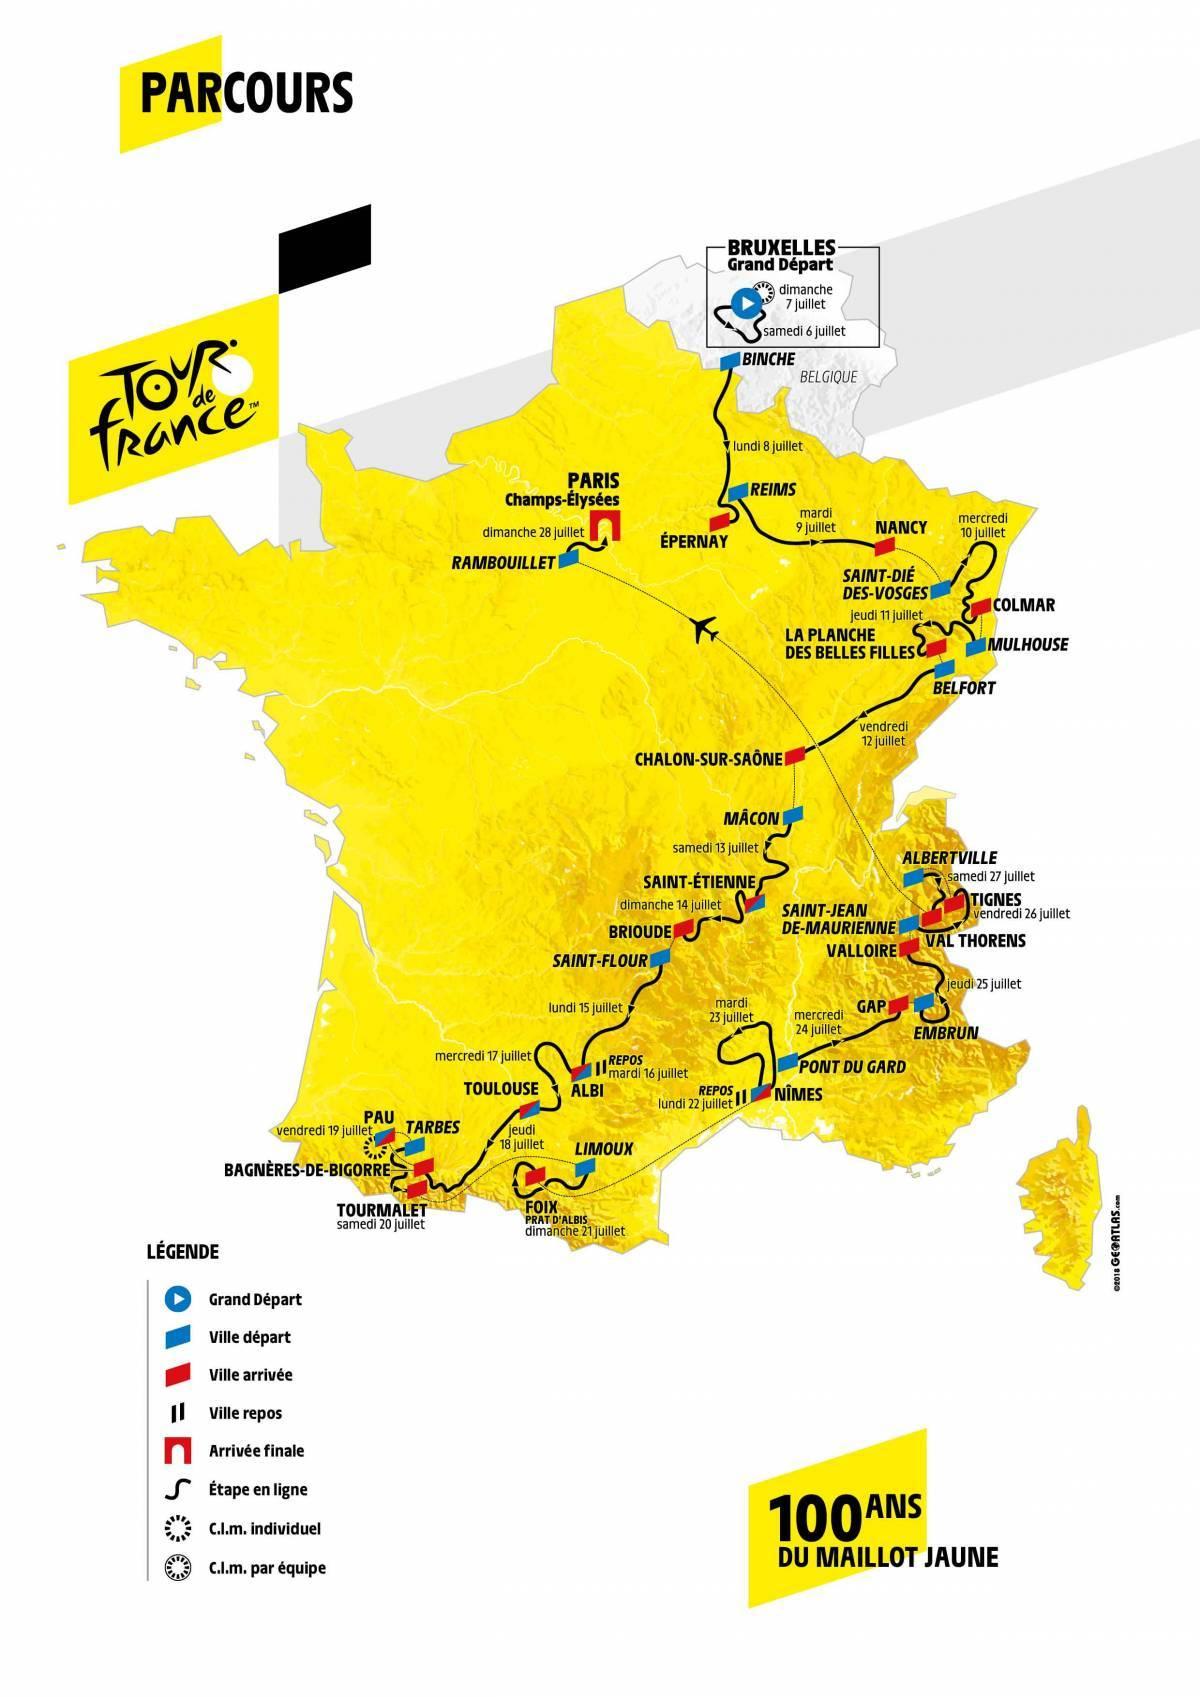 Le parcours complet et les favoris du Tour de France 2019